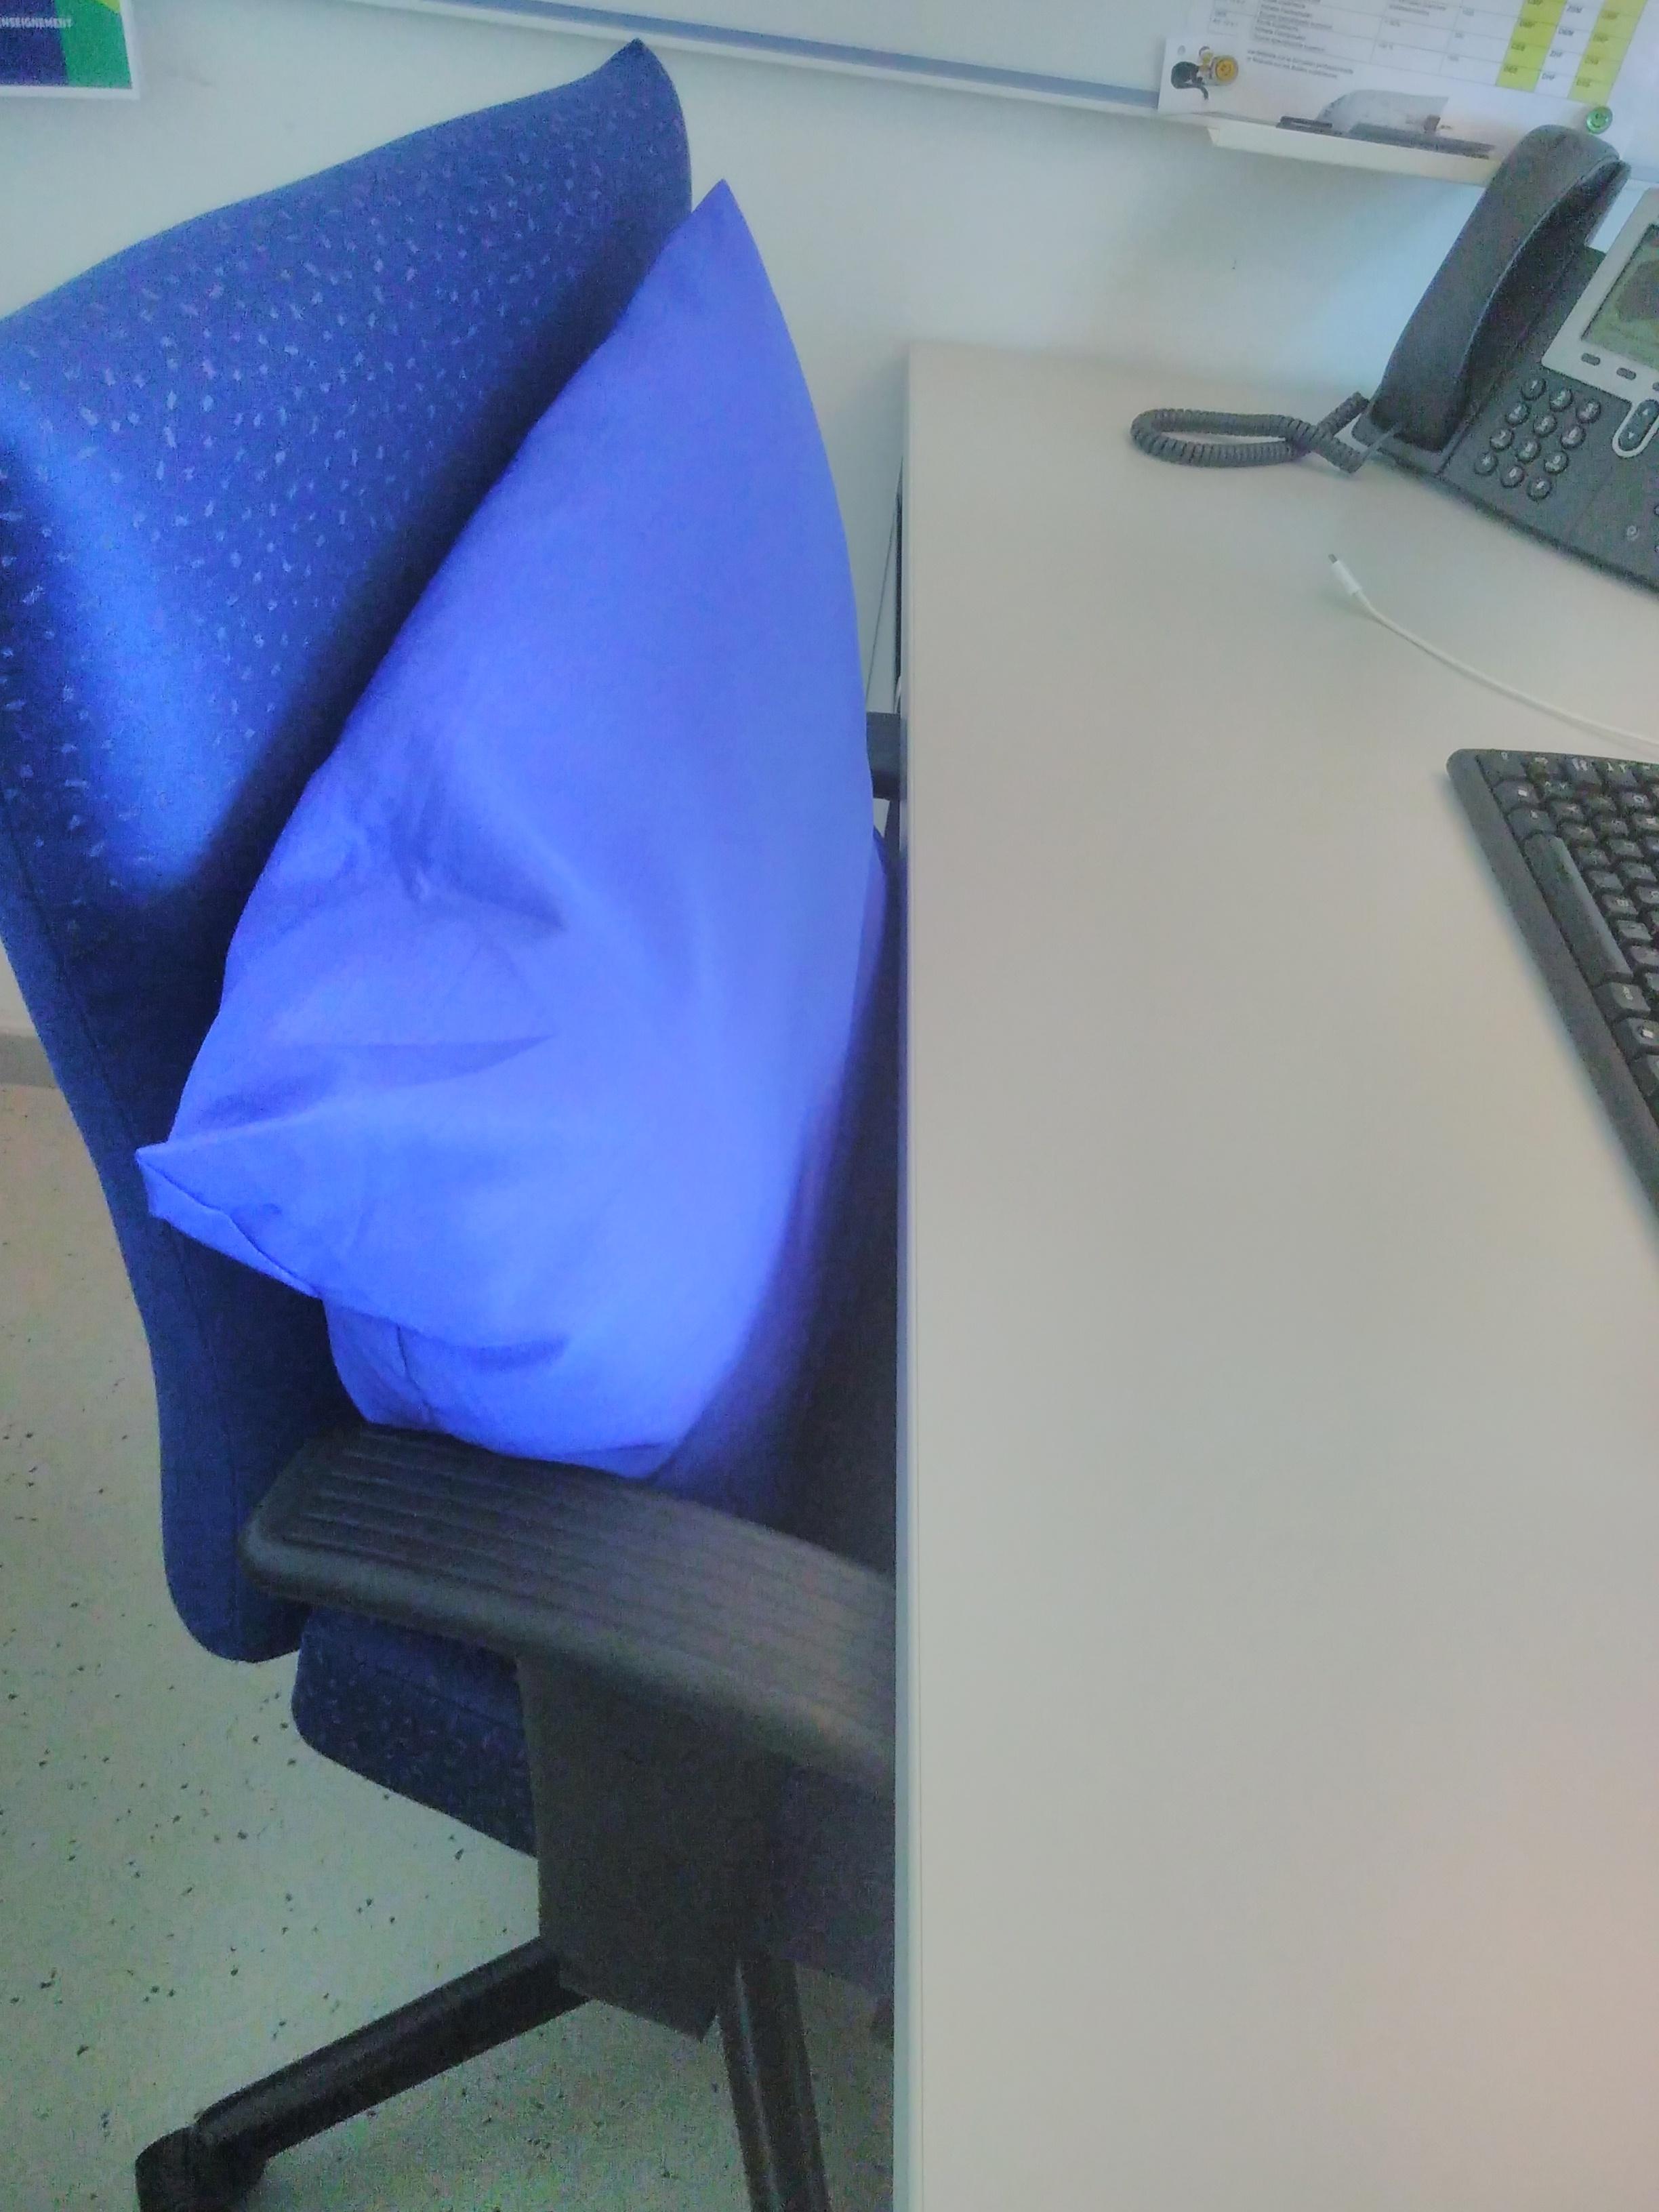 Et de retour au travail, le bleu du coussin de la chaise de ma collègue. Ou le bleu de travail de bureau.